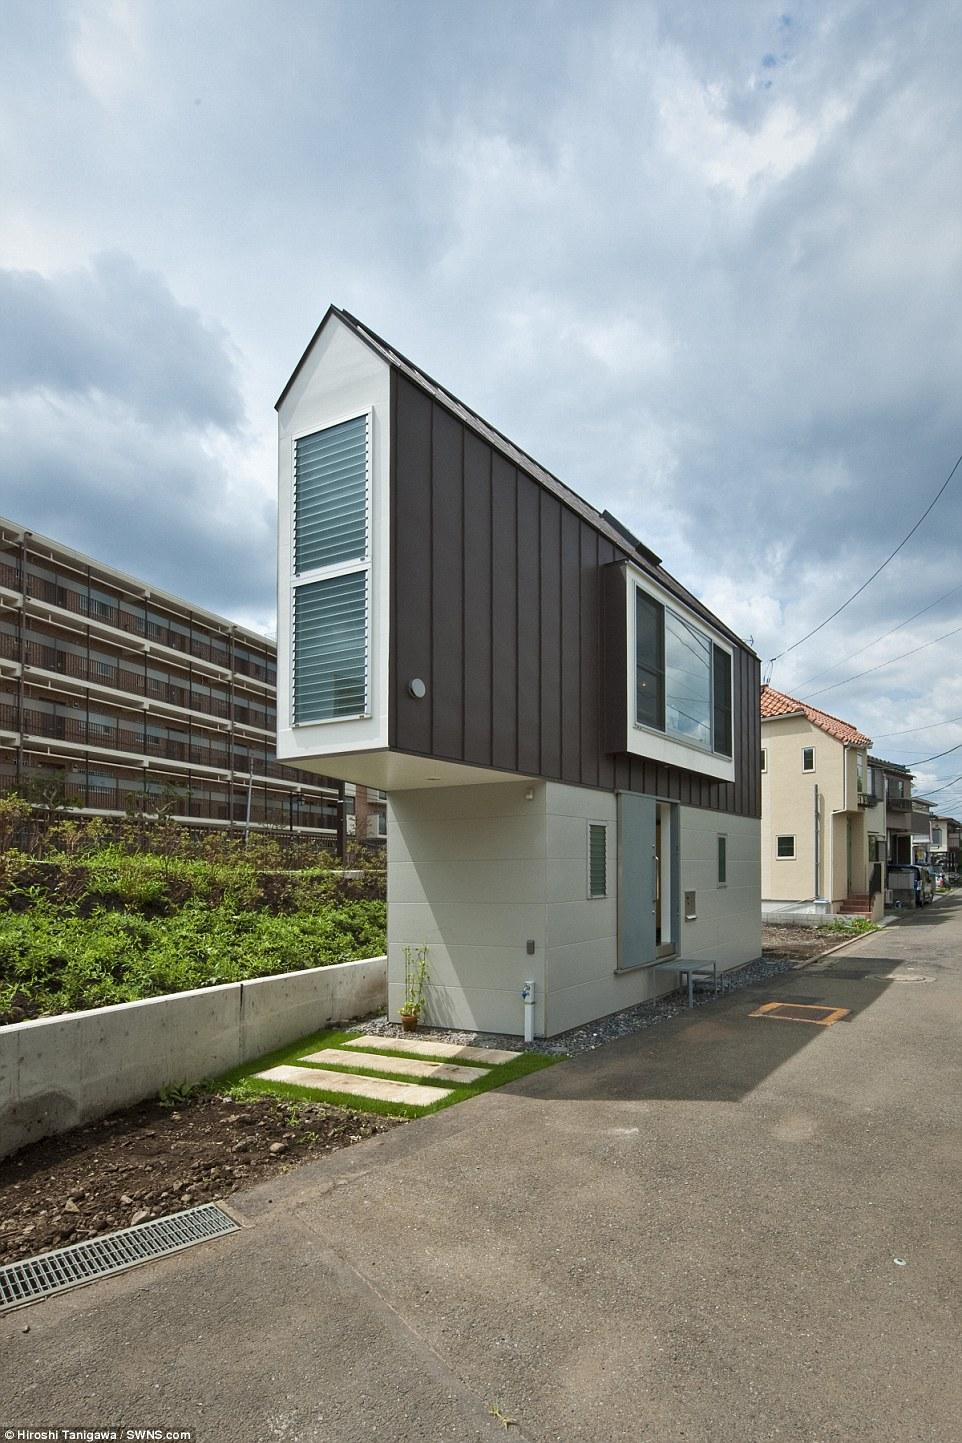 Permesso di parcheggio: Data la densità di popolazione del Giappone, il parcheggio non può essere facile, ma la casa è dotato di un proprio spazio privato